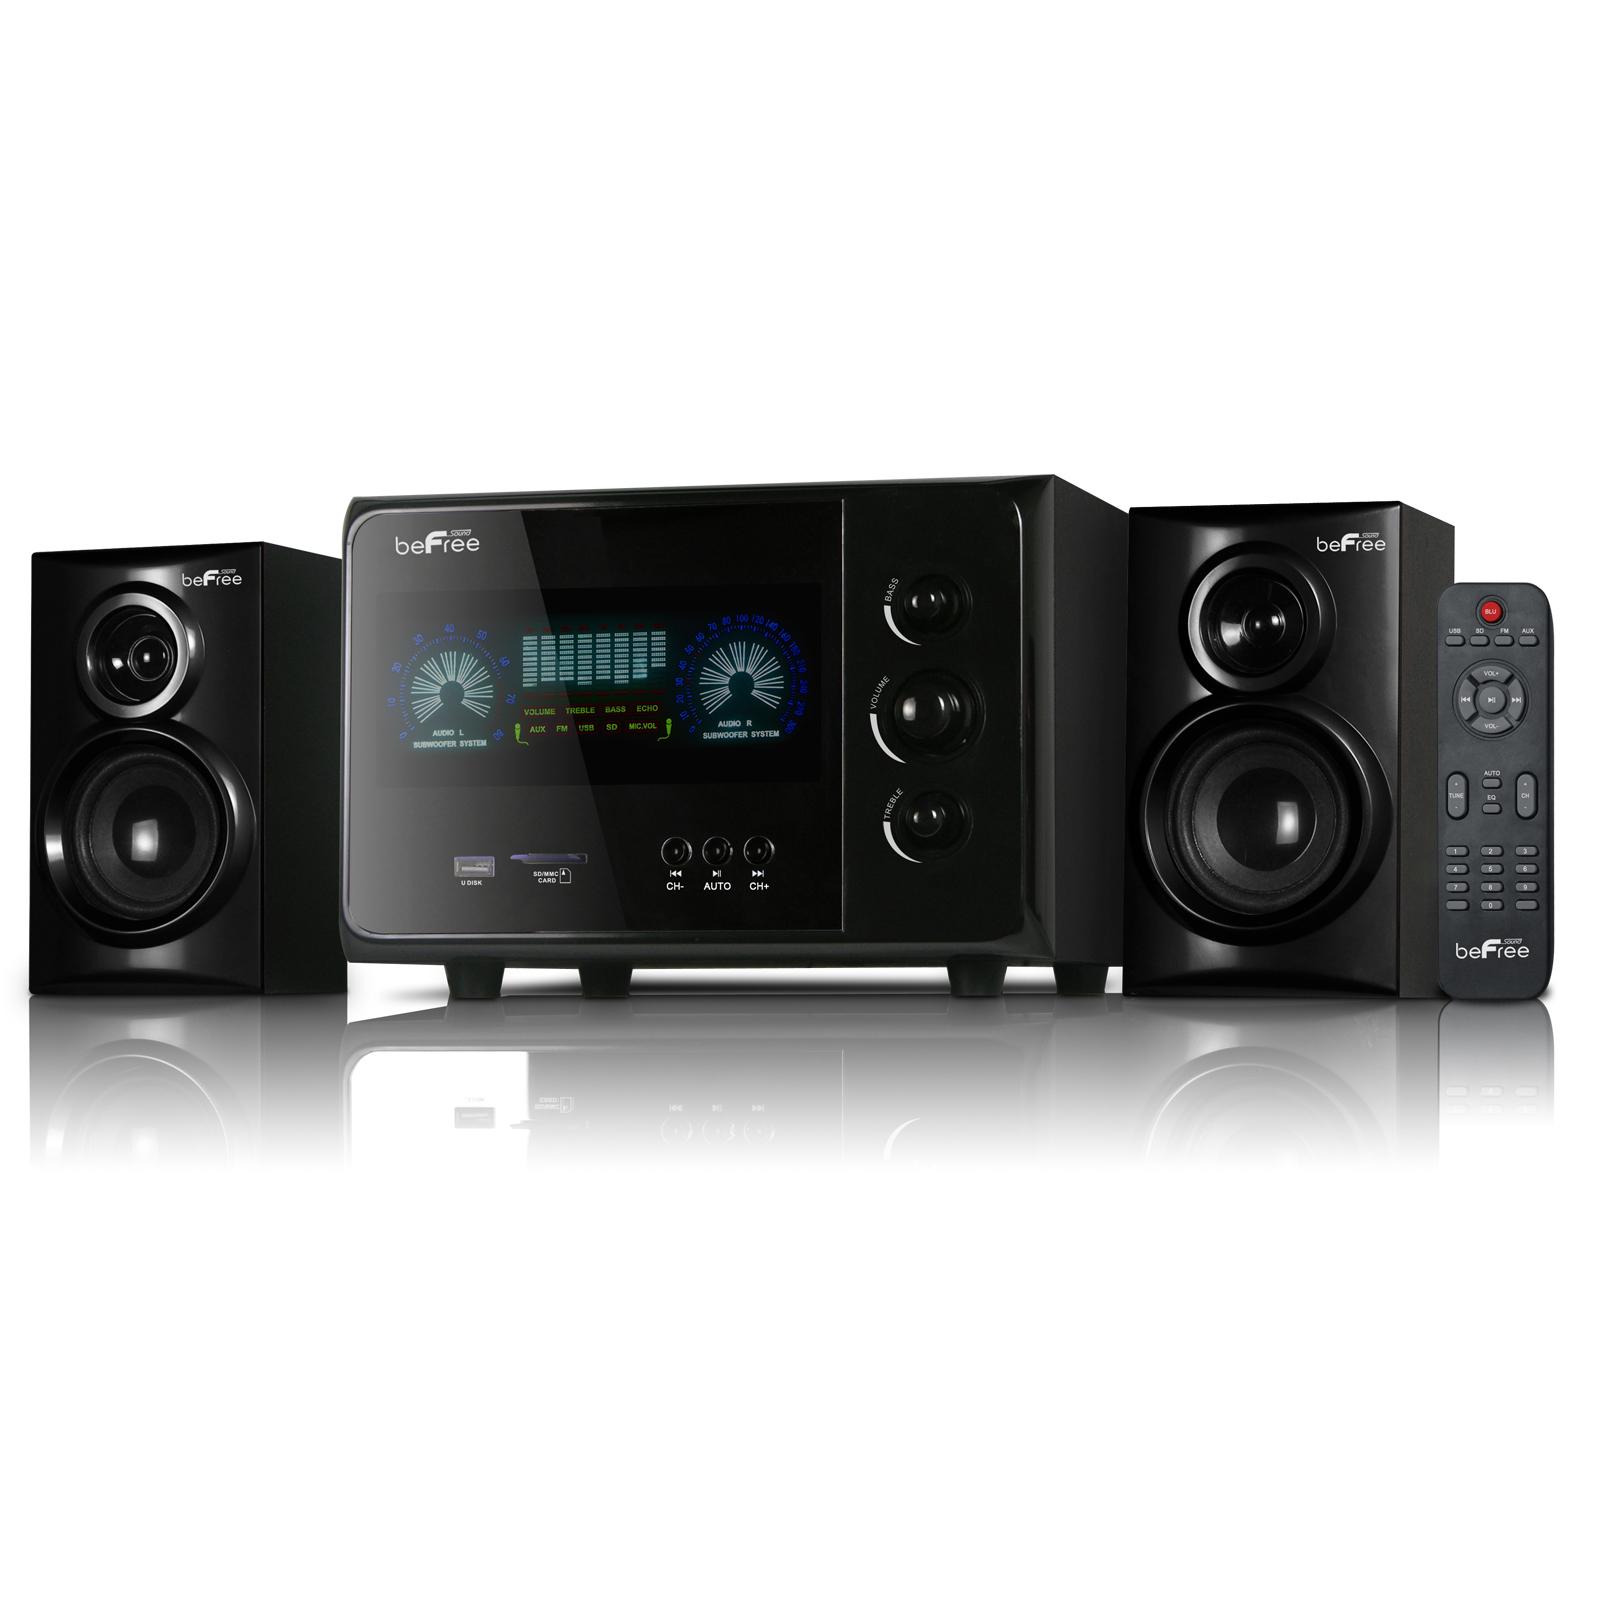 beFree Sound BFS-15 2.1 Channel Surround Sound Bluetooth Speaker System Black